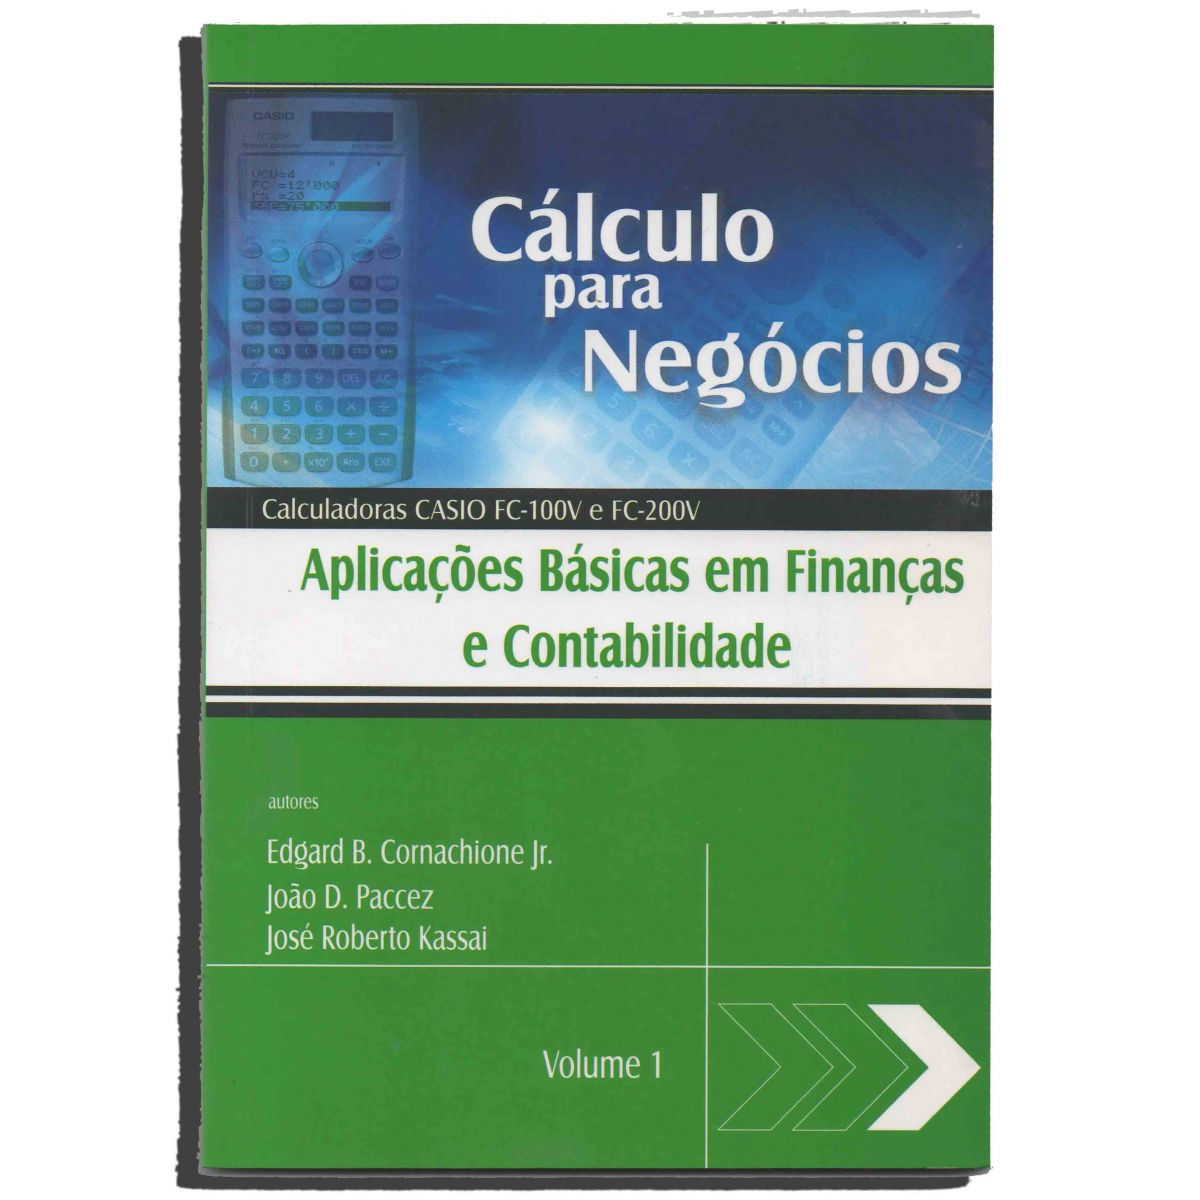 Livro Cálculo Negócios para Calculadora Casio FC-100V e FC-200V